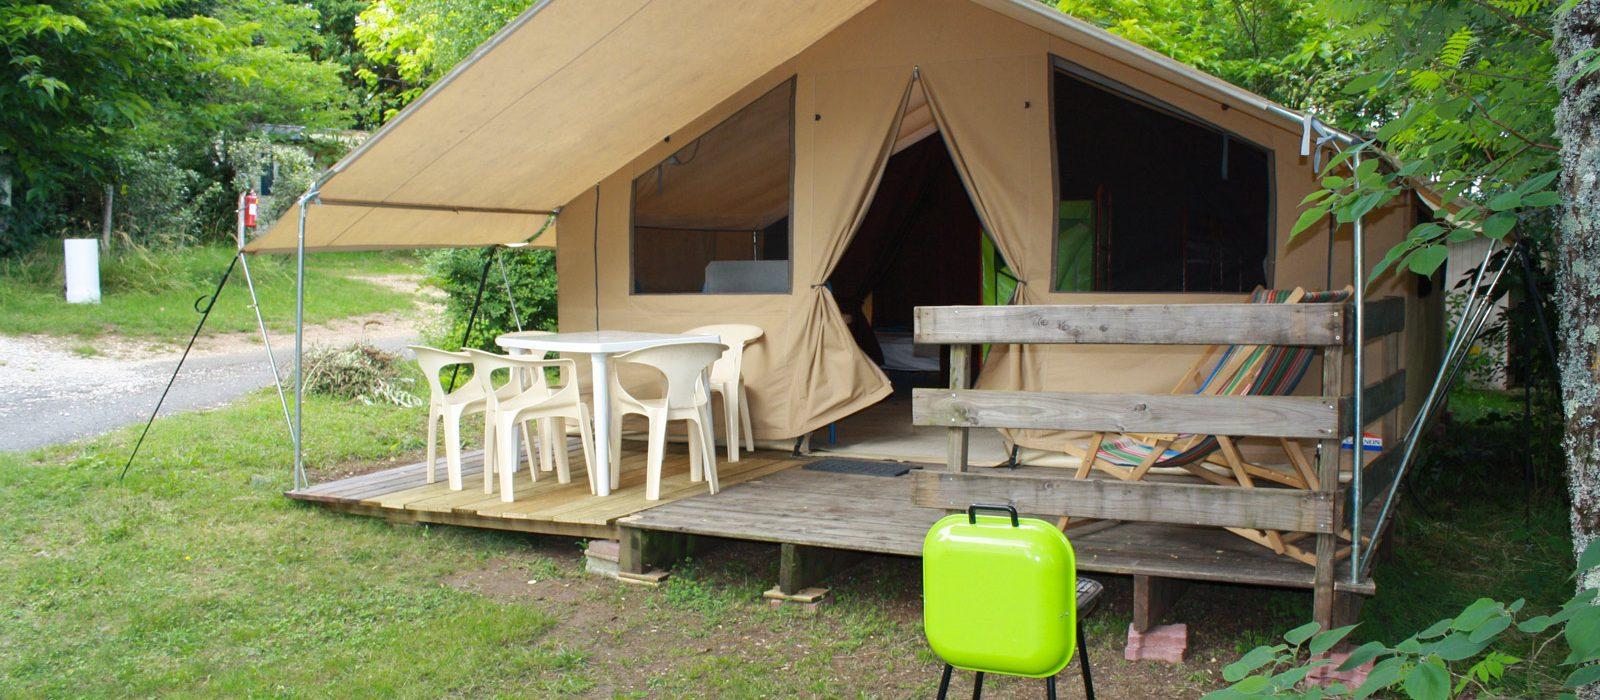 grande tente aménagée pour 5 personnes camping Au p'tit Bonheur en Dordogne